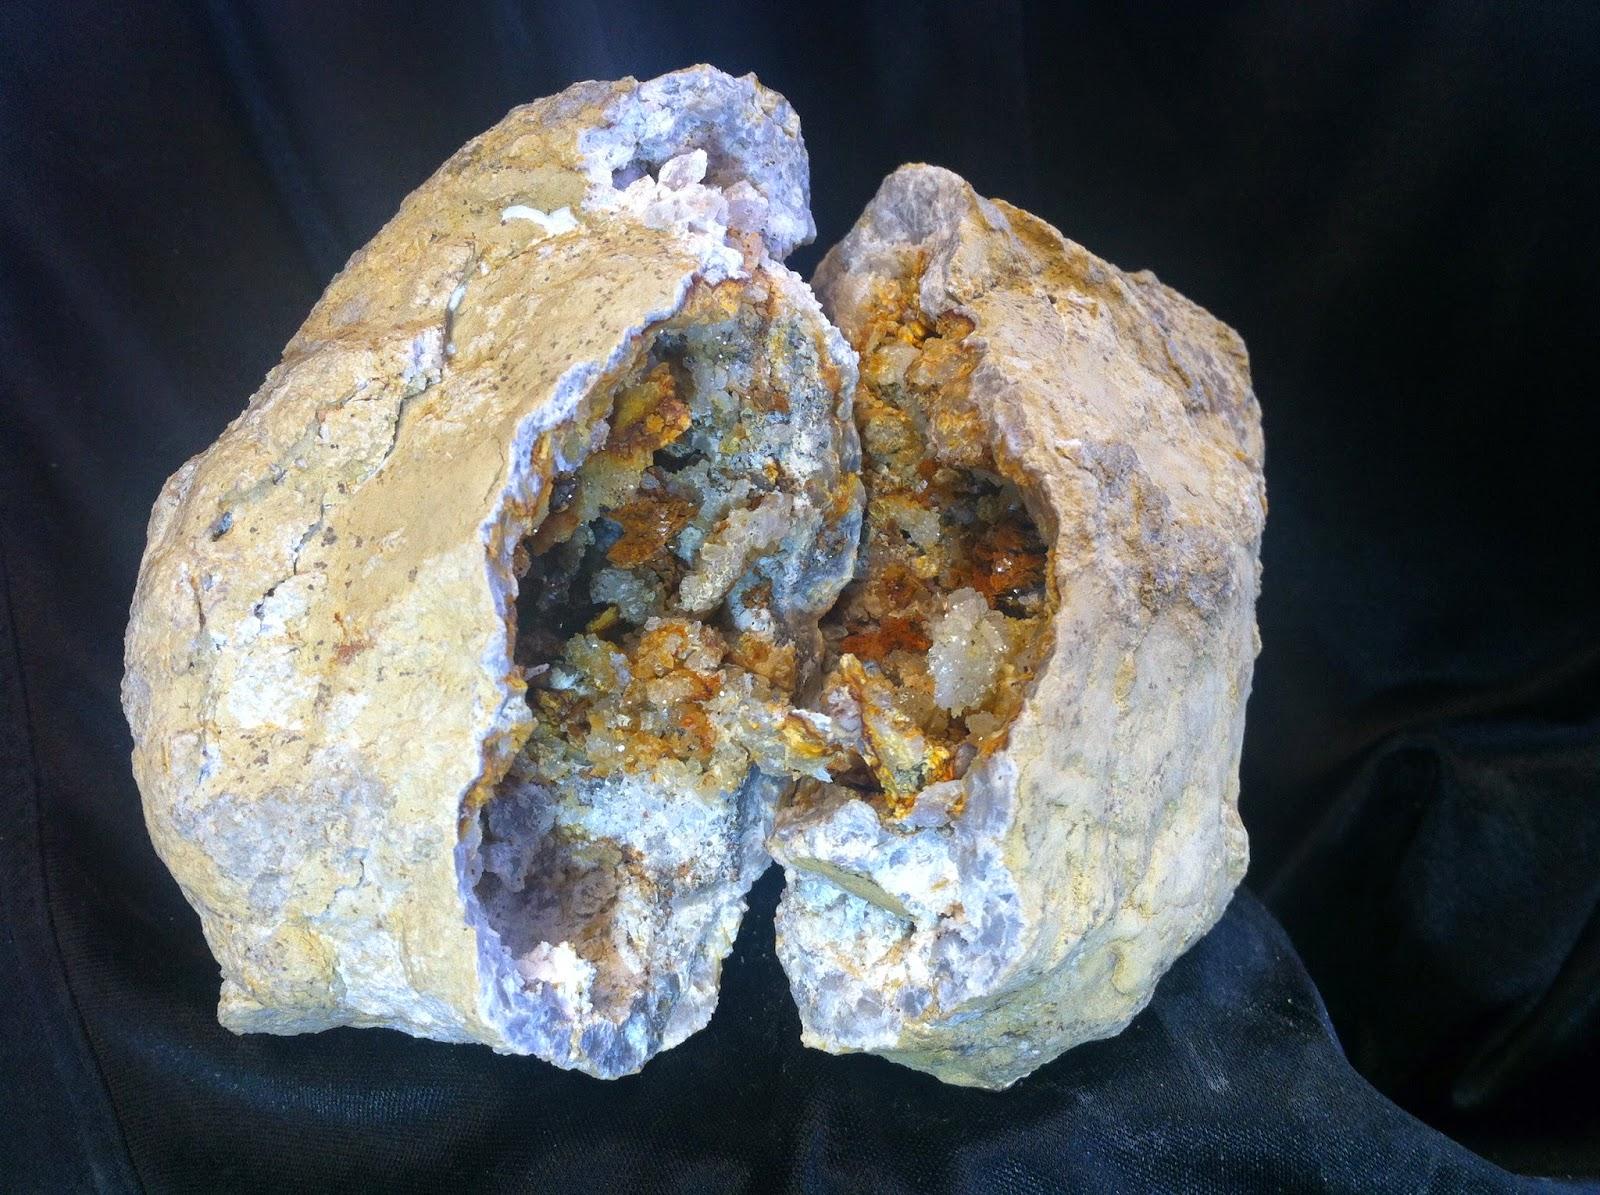 Bill's Rockhound Blog: Geodes (Keokuk)